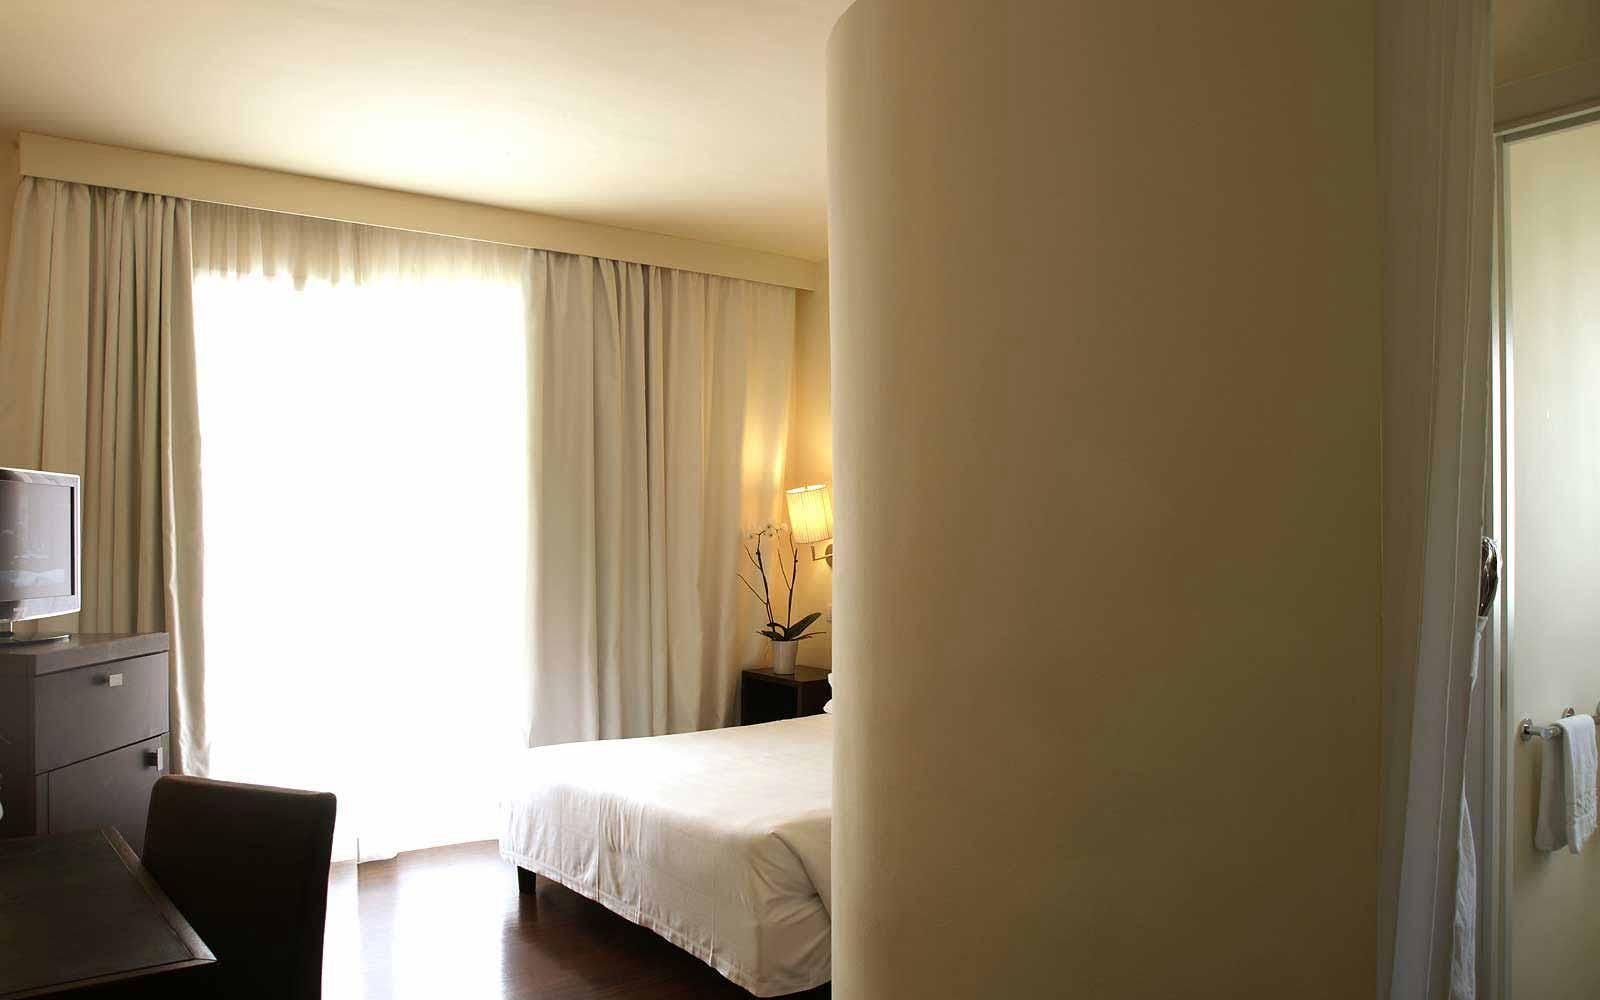 Classic Room at La Coluccia Hotel & Beach Club